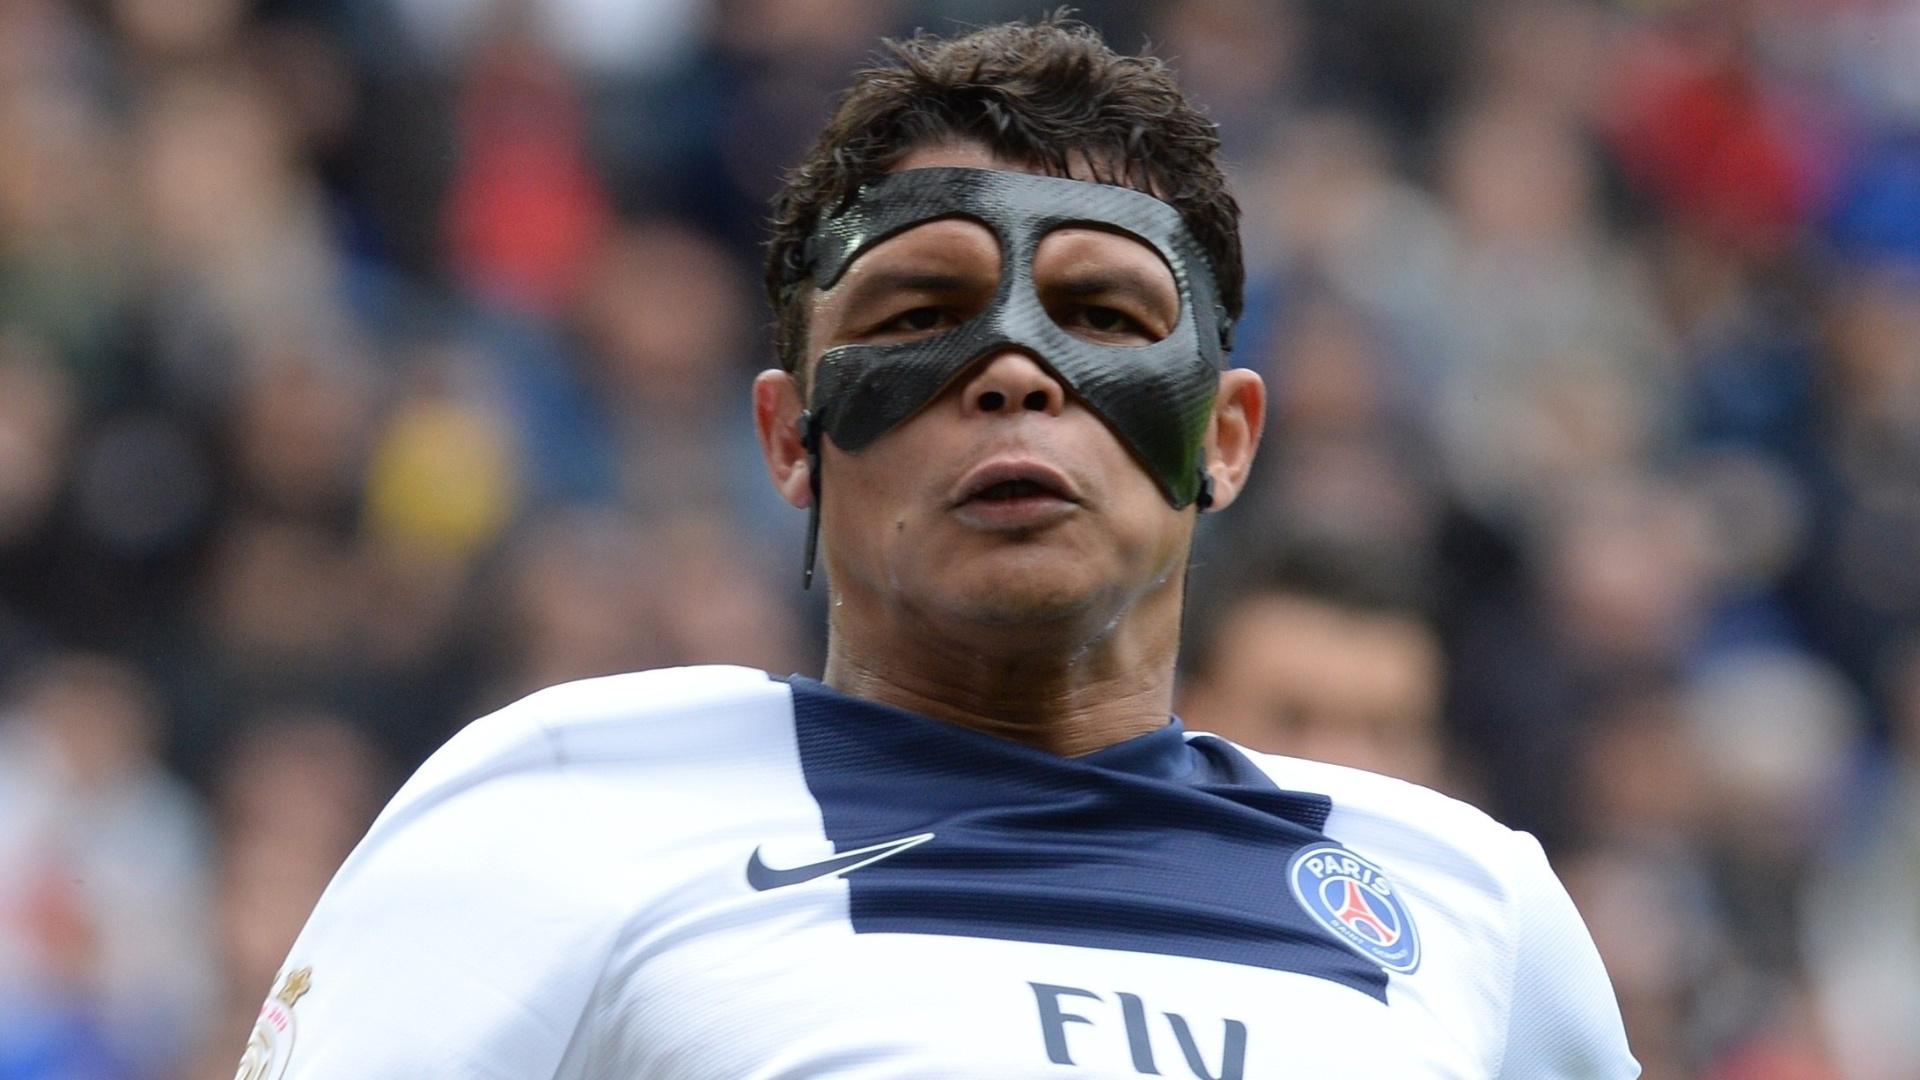 27.abr.2014 - Usando máscara protetora, brasileiro Thiago Silva disputa a partida entre PSG e Sochaux